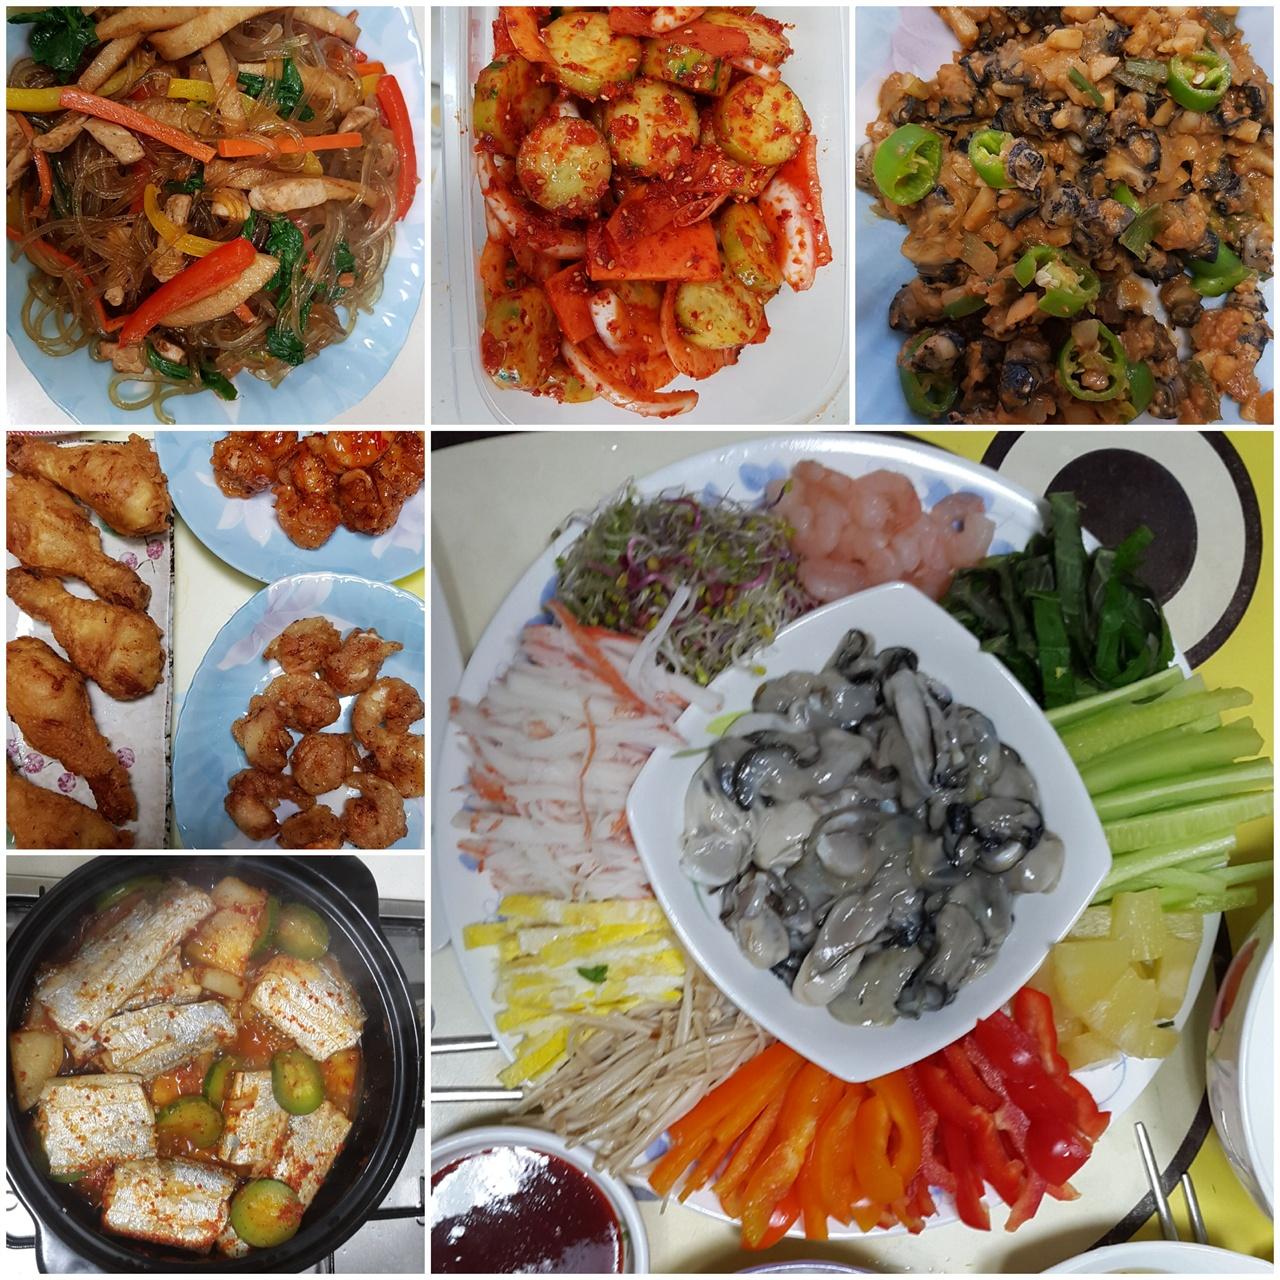 필자가 요리한 것 중 일부? 잡채,오이무침.우렁이쌈밥,통닭&칠리새우,갈치조림,월남쌈